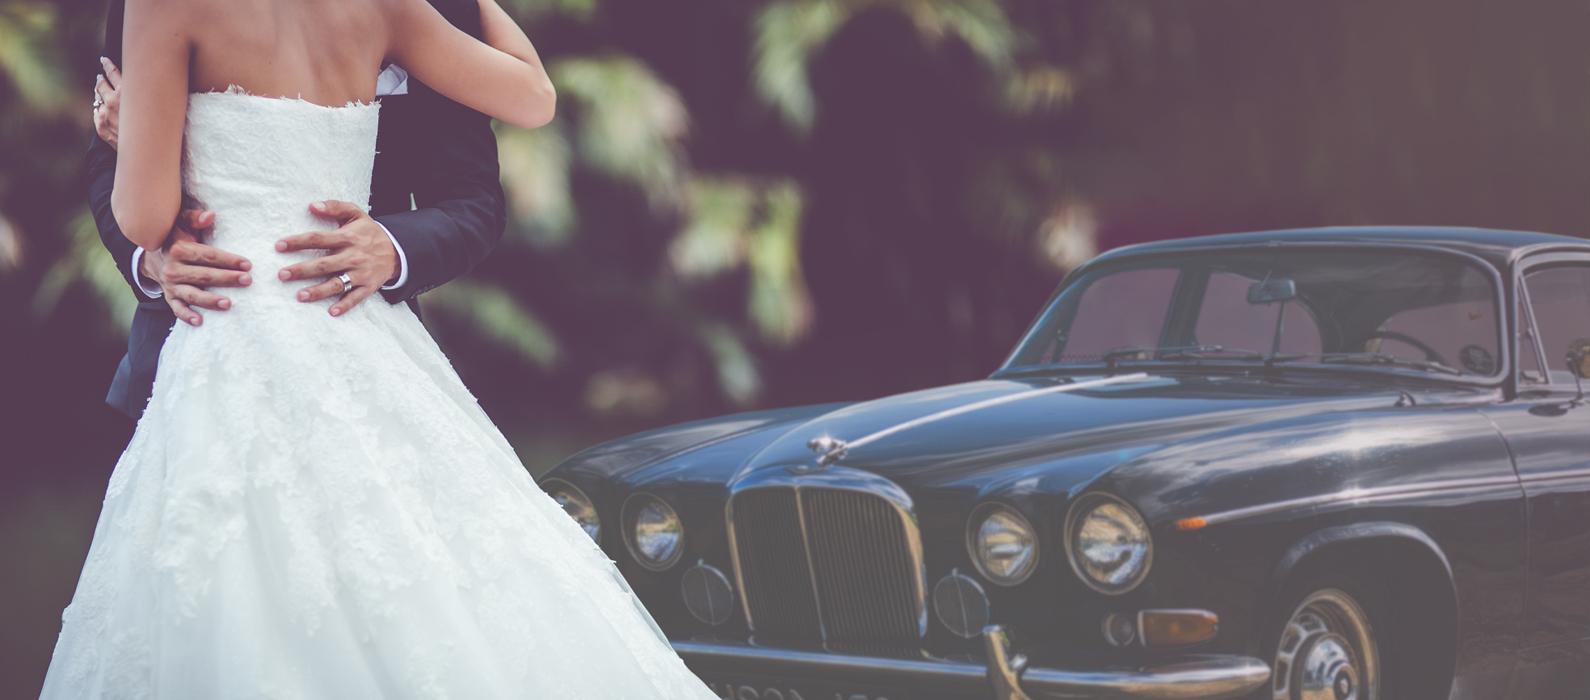 White Wedding Car Hire Birmingham - Rolls Royce Wedding Car Birmingham